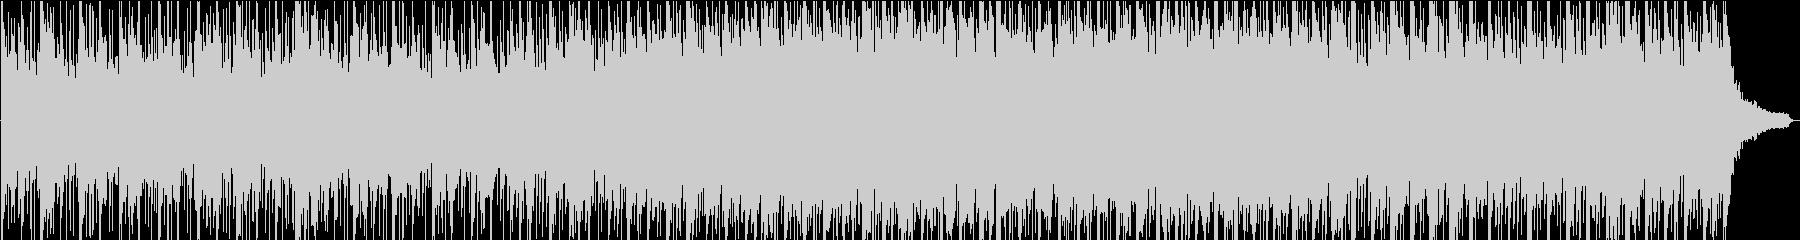 ポールモーリアBGM風の曲をトルコ風にの未再生の波形